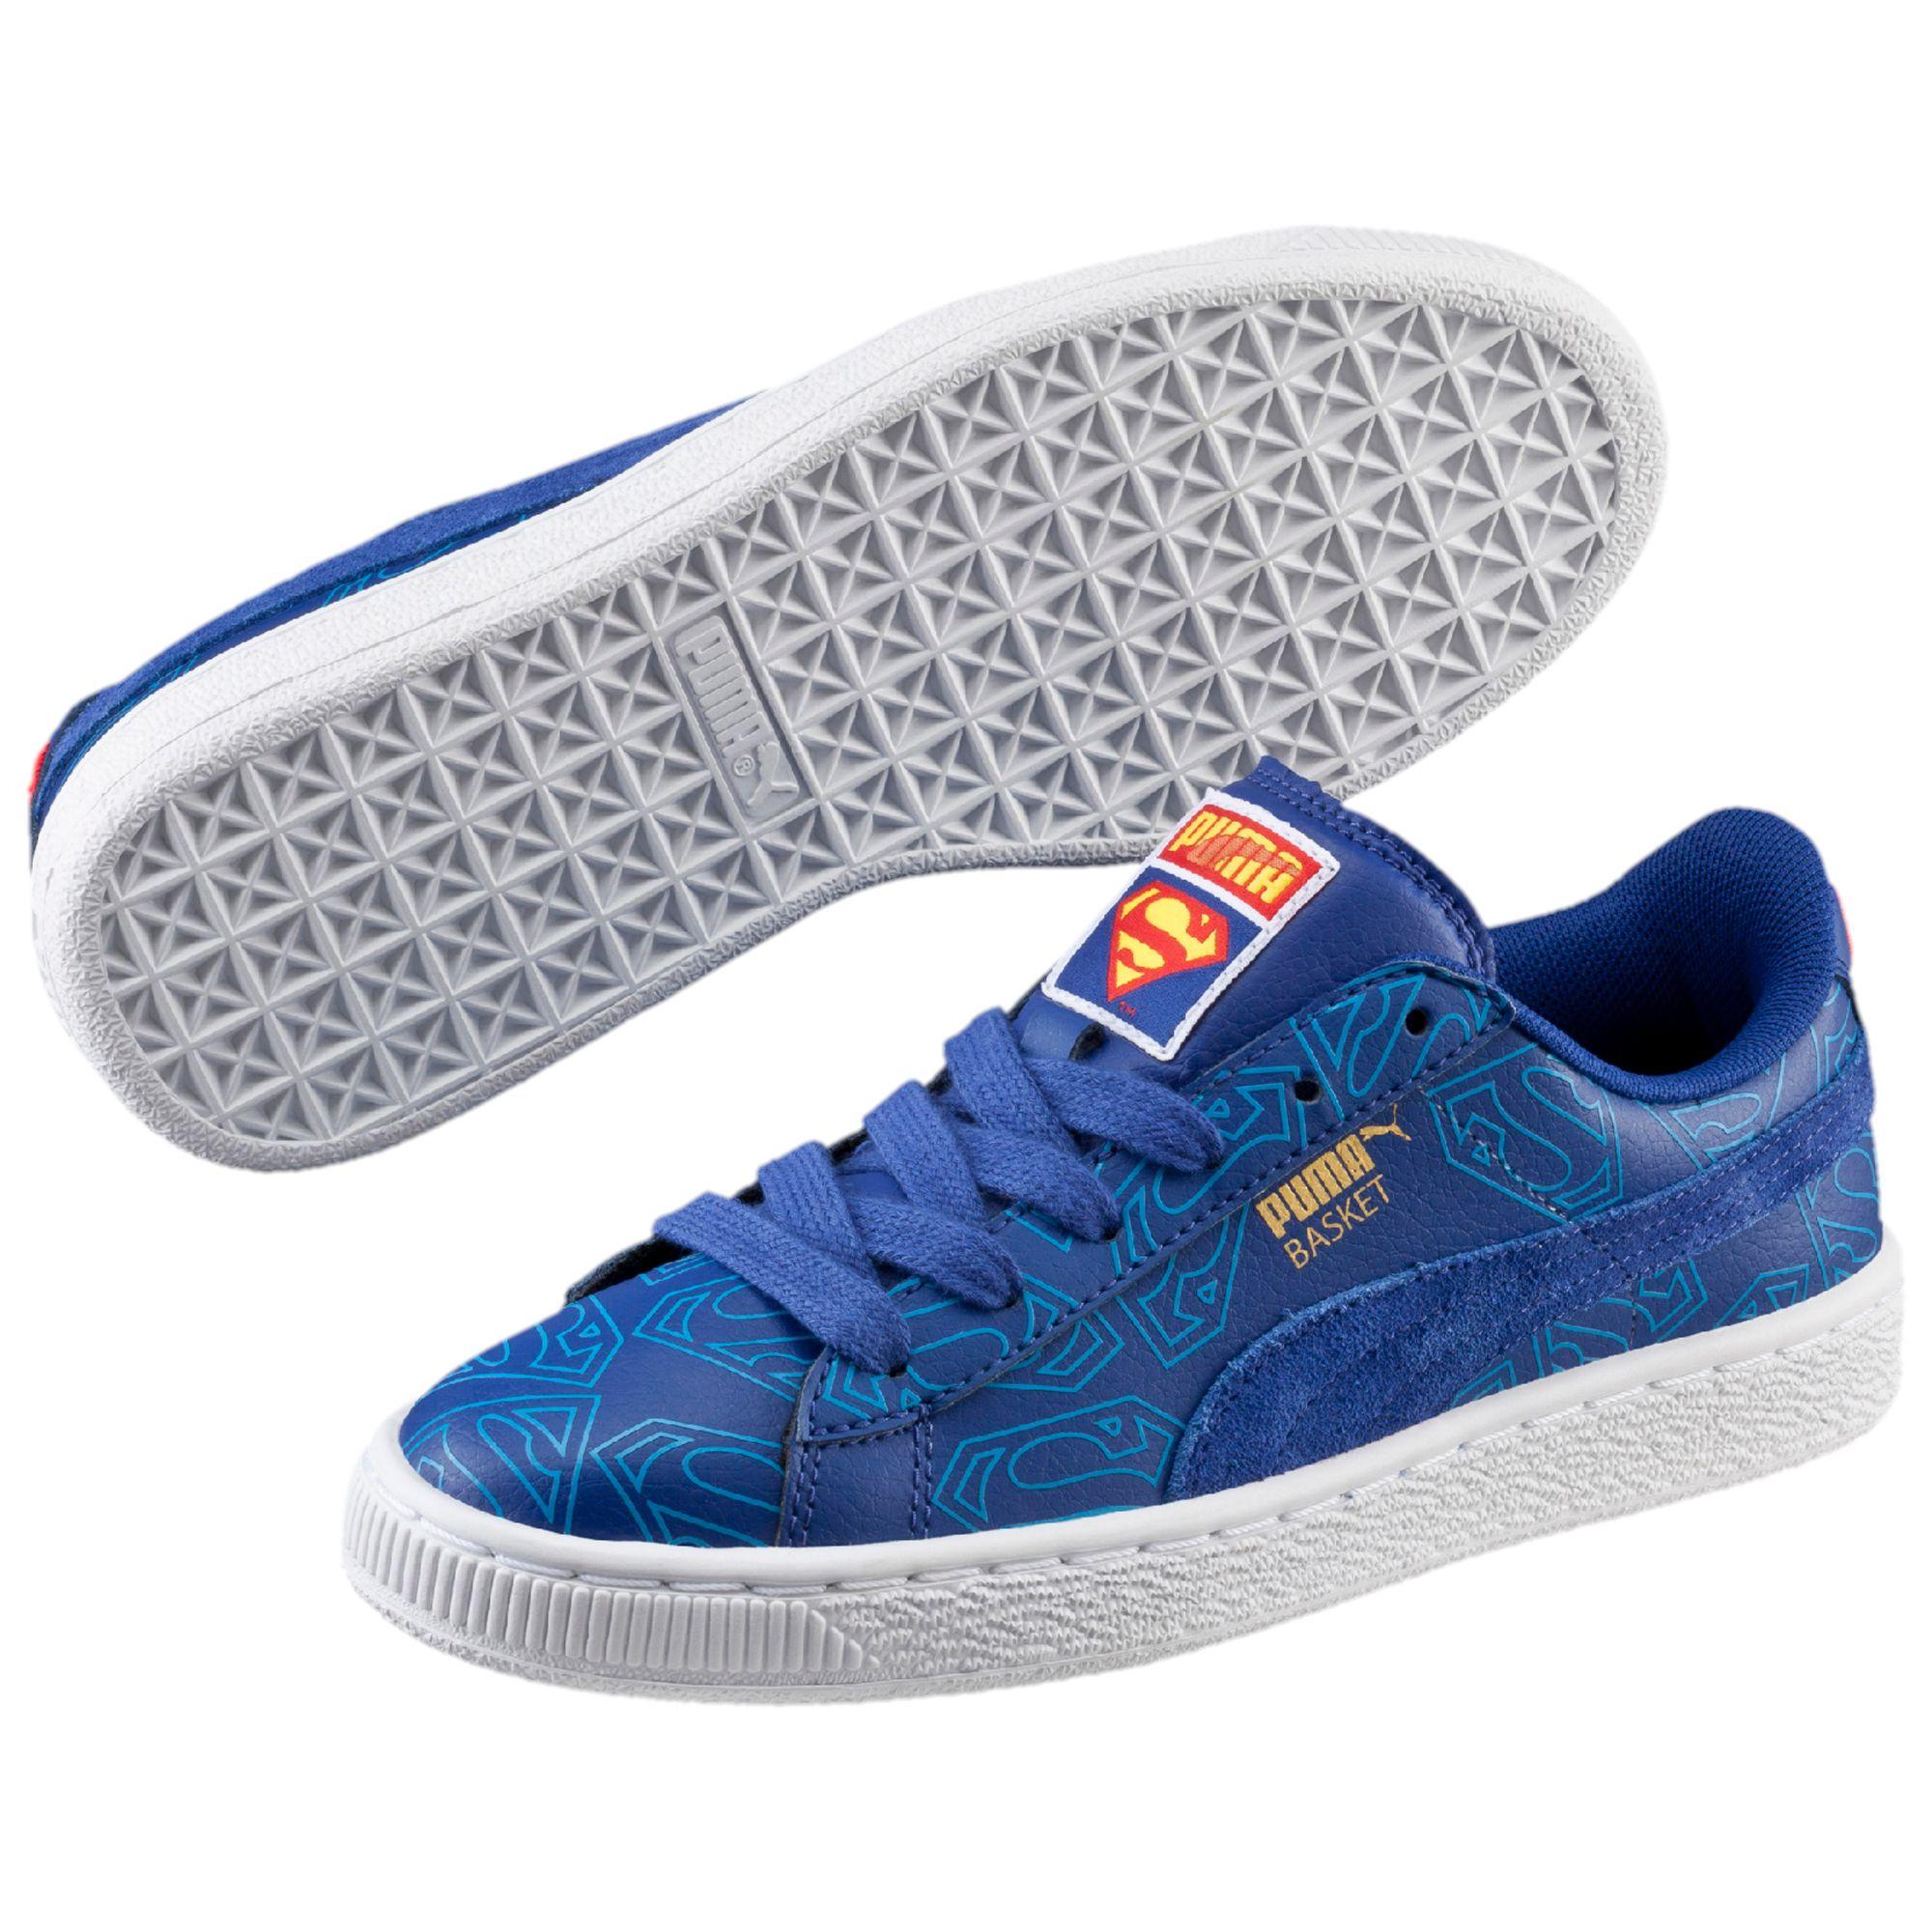 puma basket bambino scarpe